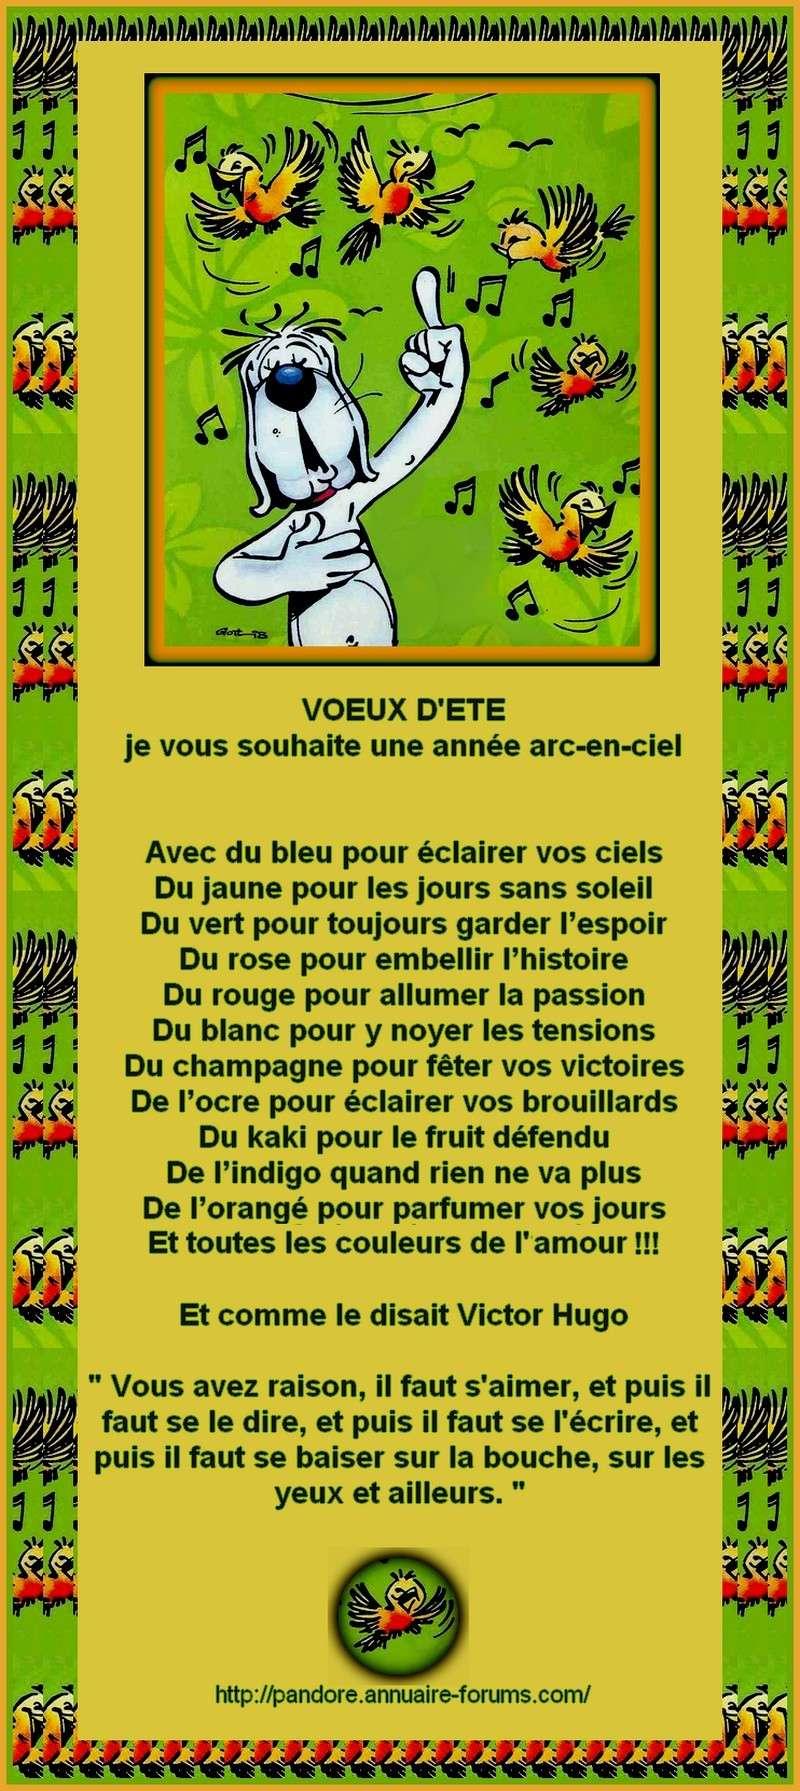 VOEUX D'ETE 0horo212